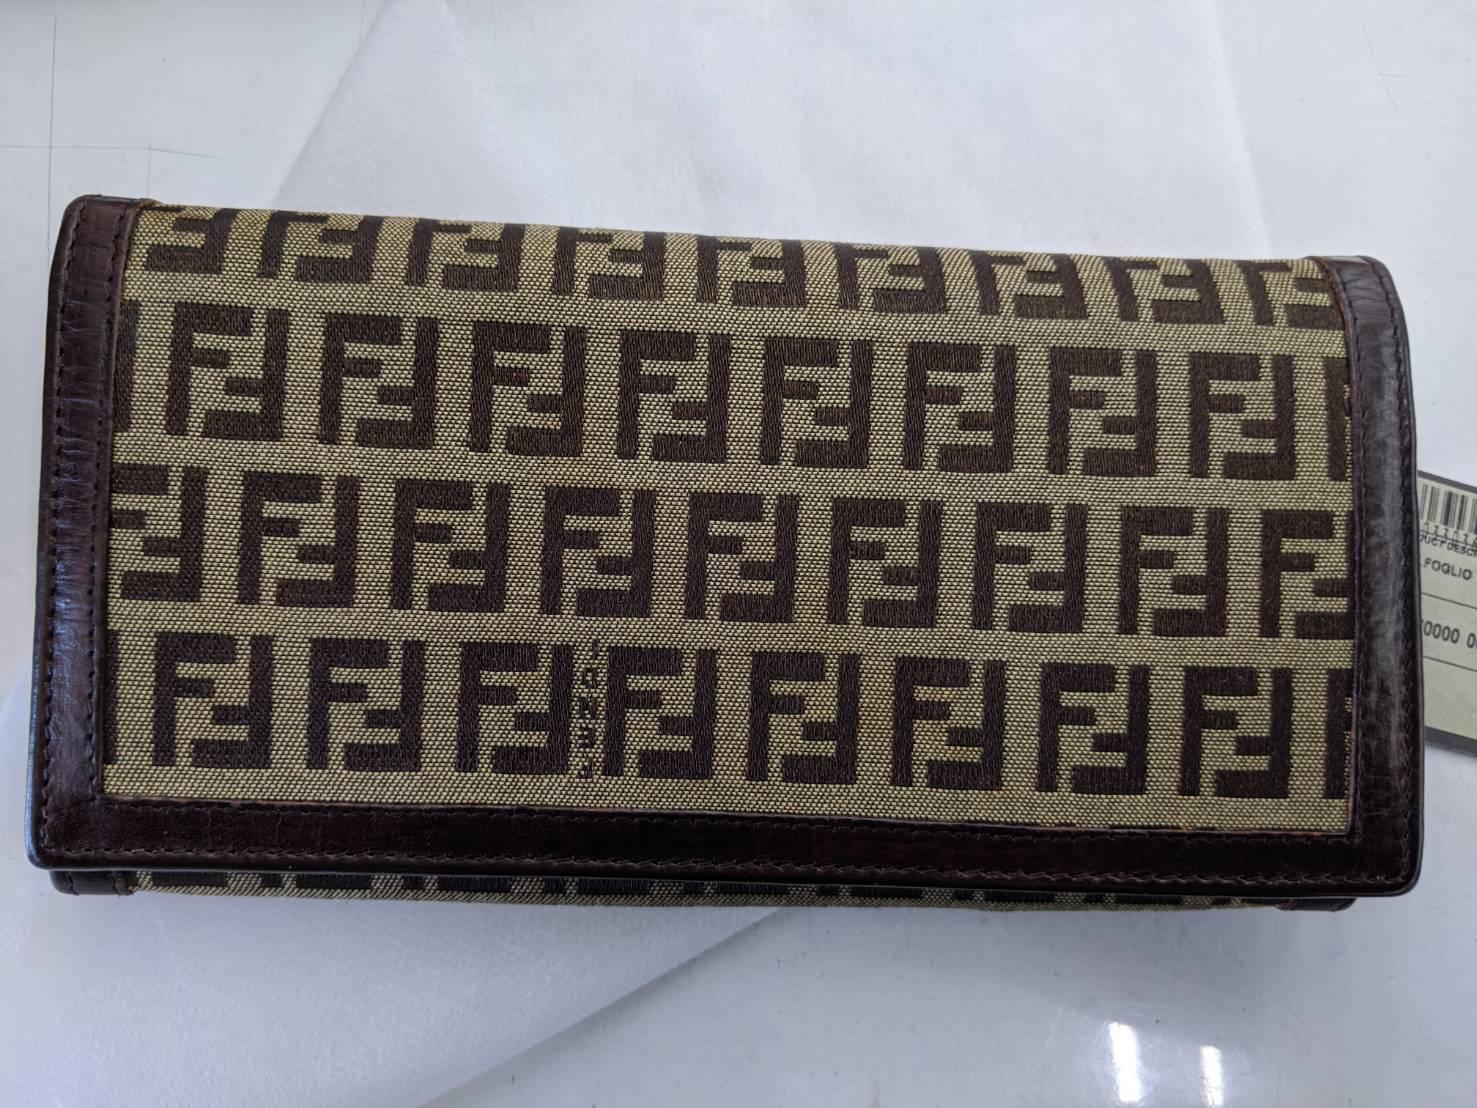 ブランド品も高価買取!!【FENDI/フェンディ ズッカ柄 長財布】を買取致しました。の買取-